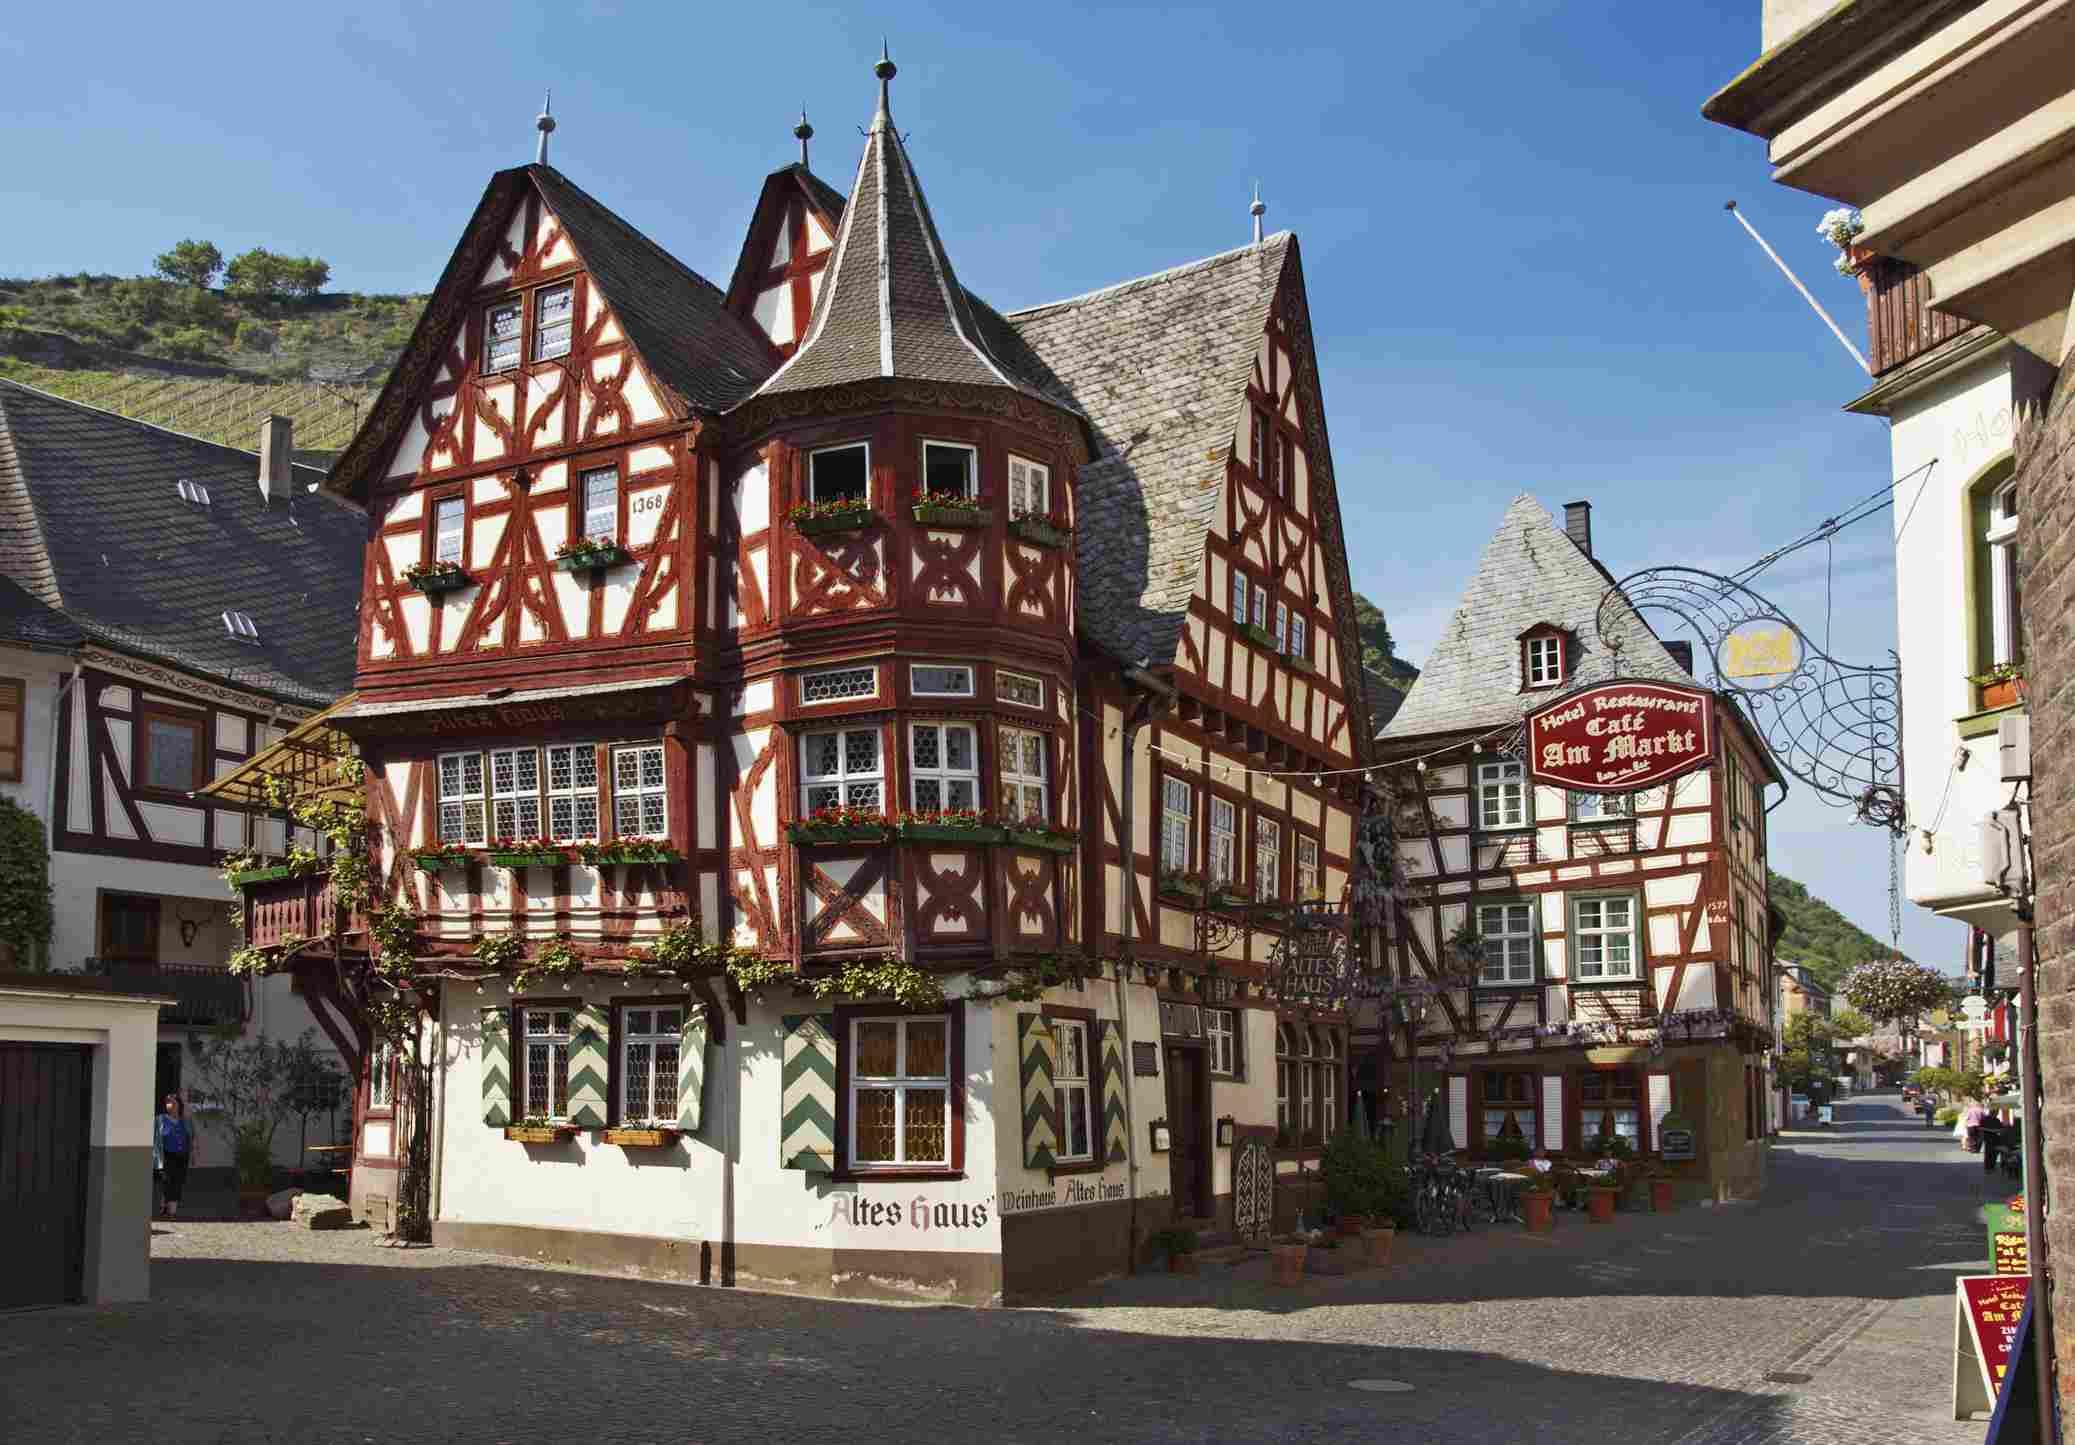 Bacharach's Altes Haus